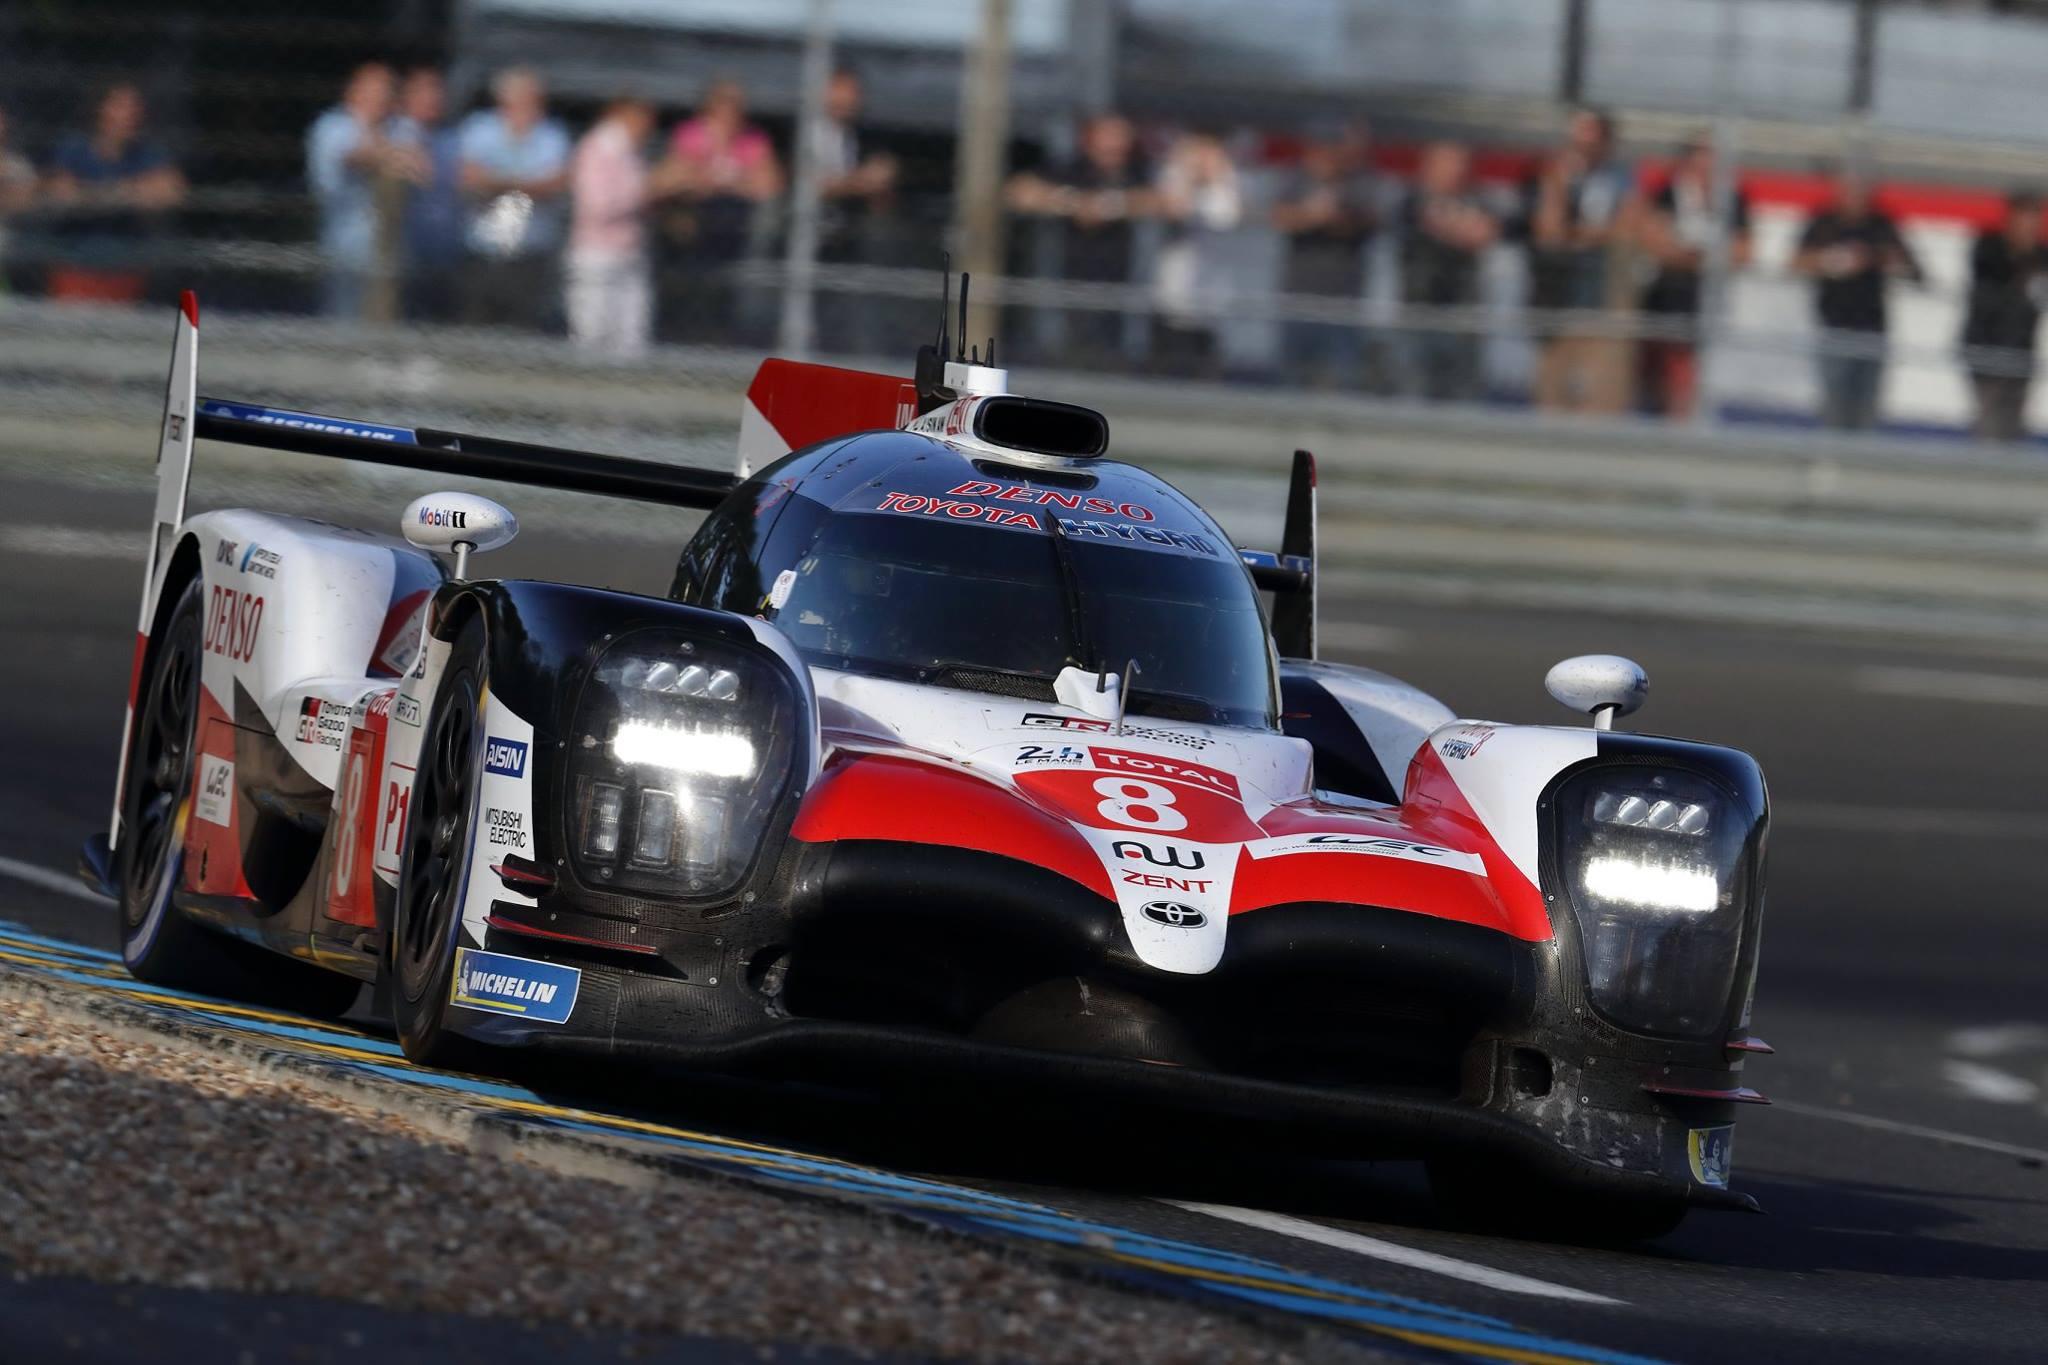 Гоночная команда Toyota Gazoo наконец-то выиграла победу в легендарной 24-часовой гонке Ле-Ман.